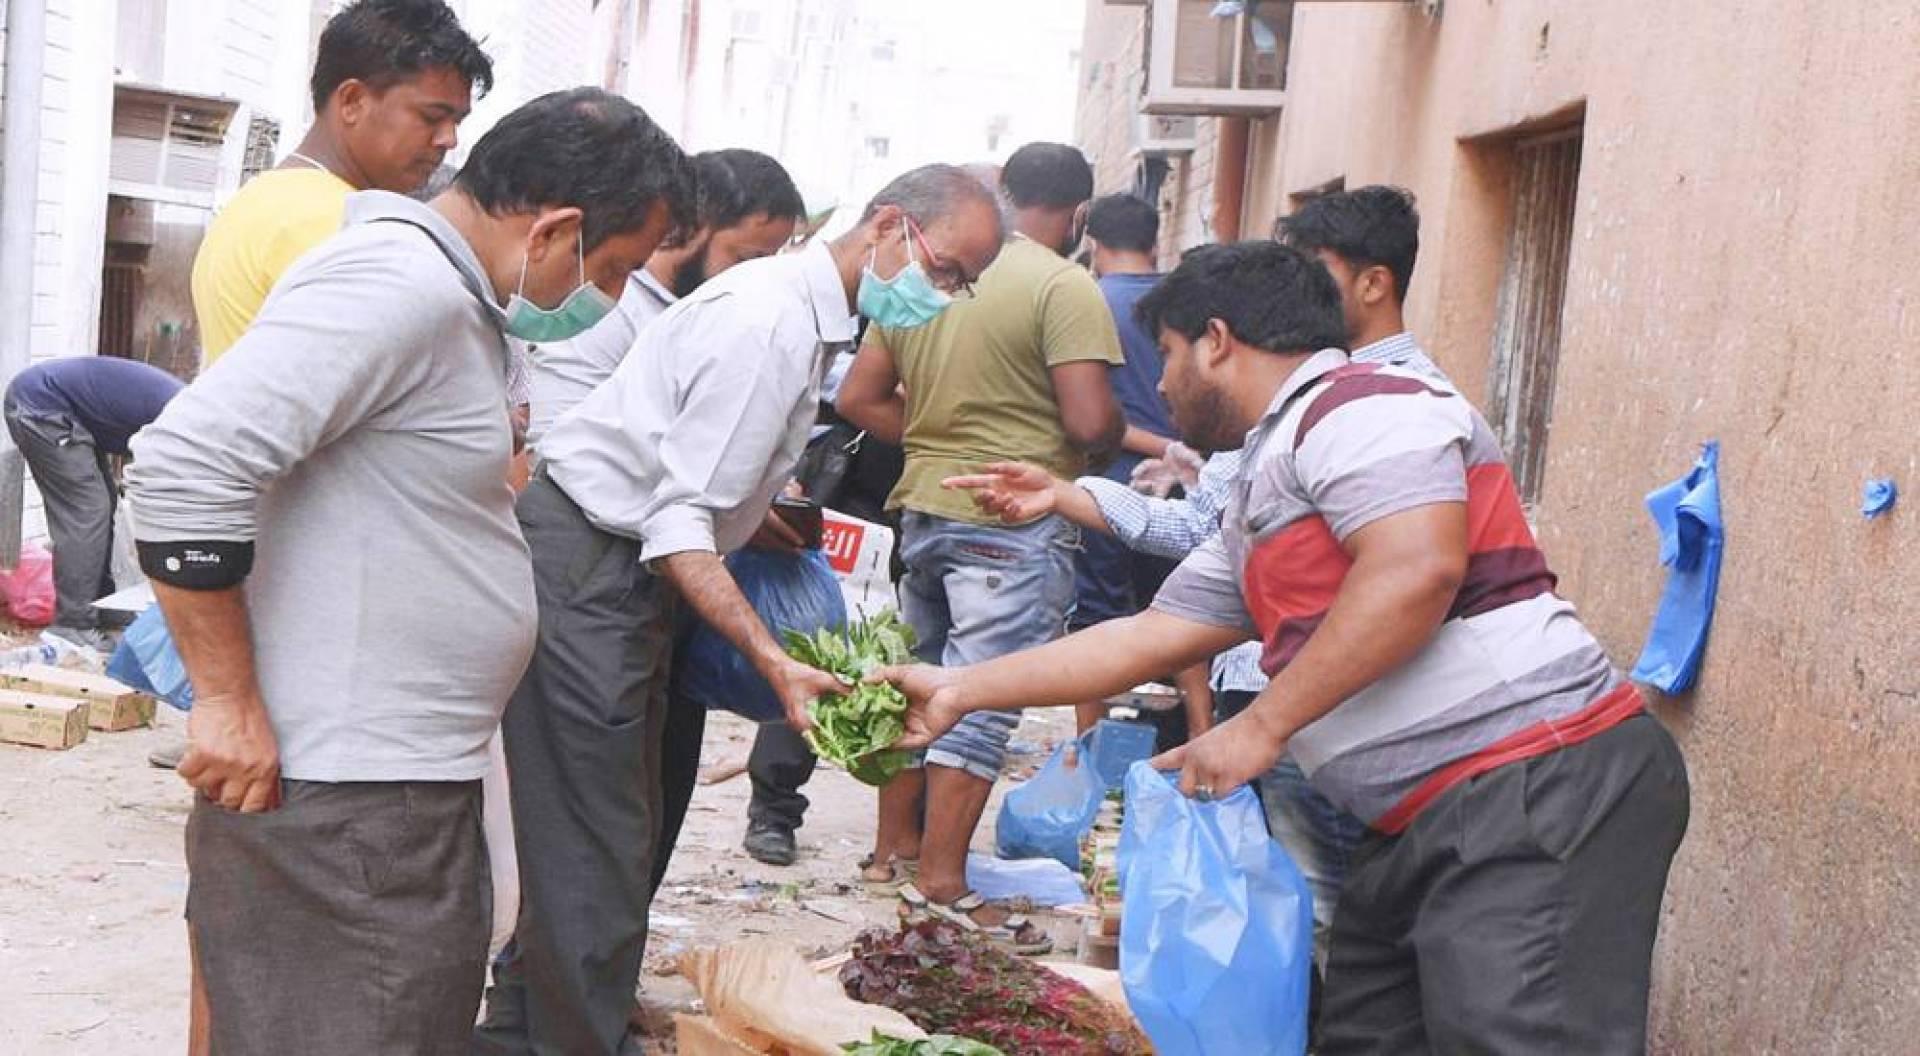 سوق عشوائي في الجليب (تصوير: محمود الفوريكي)